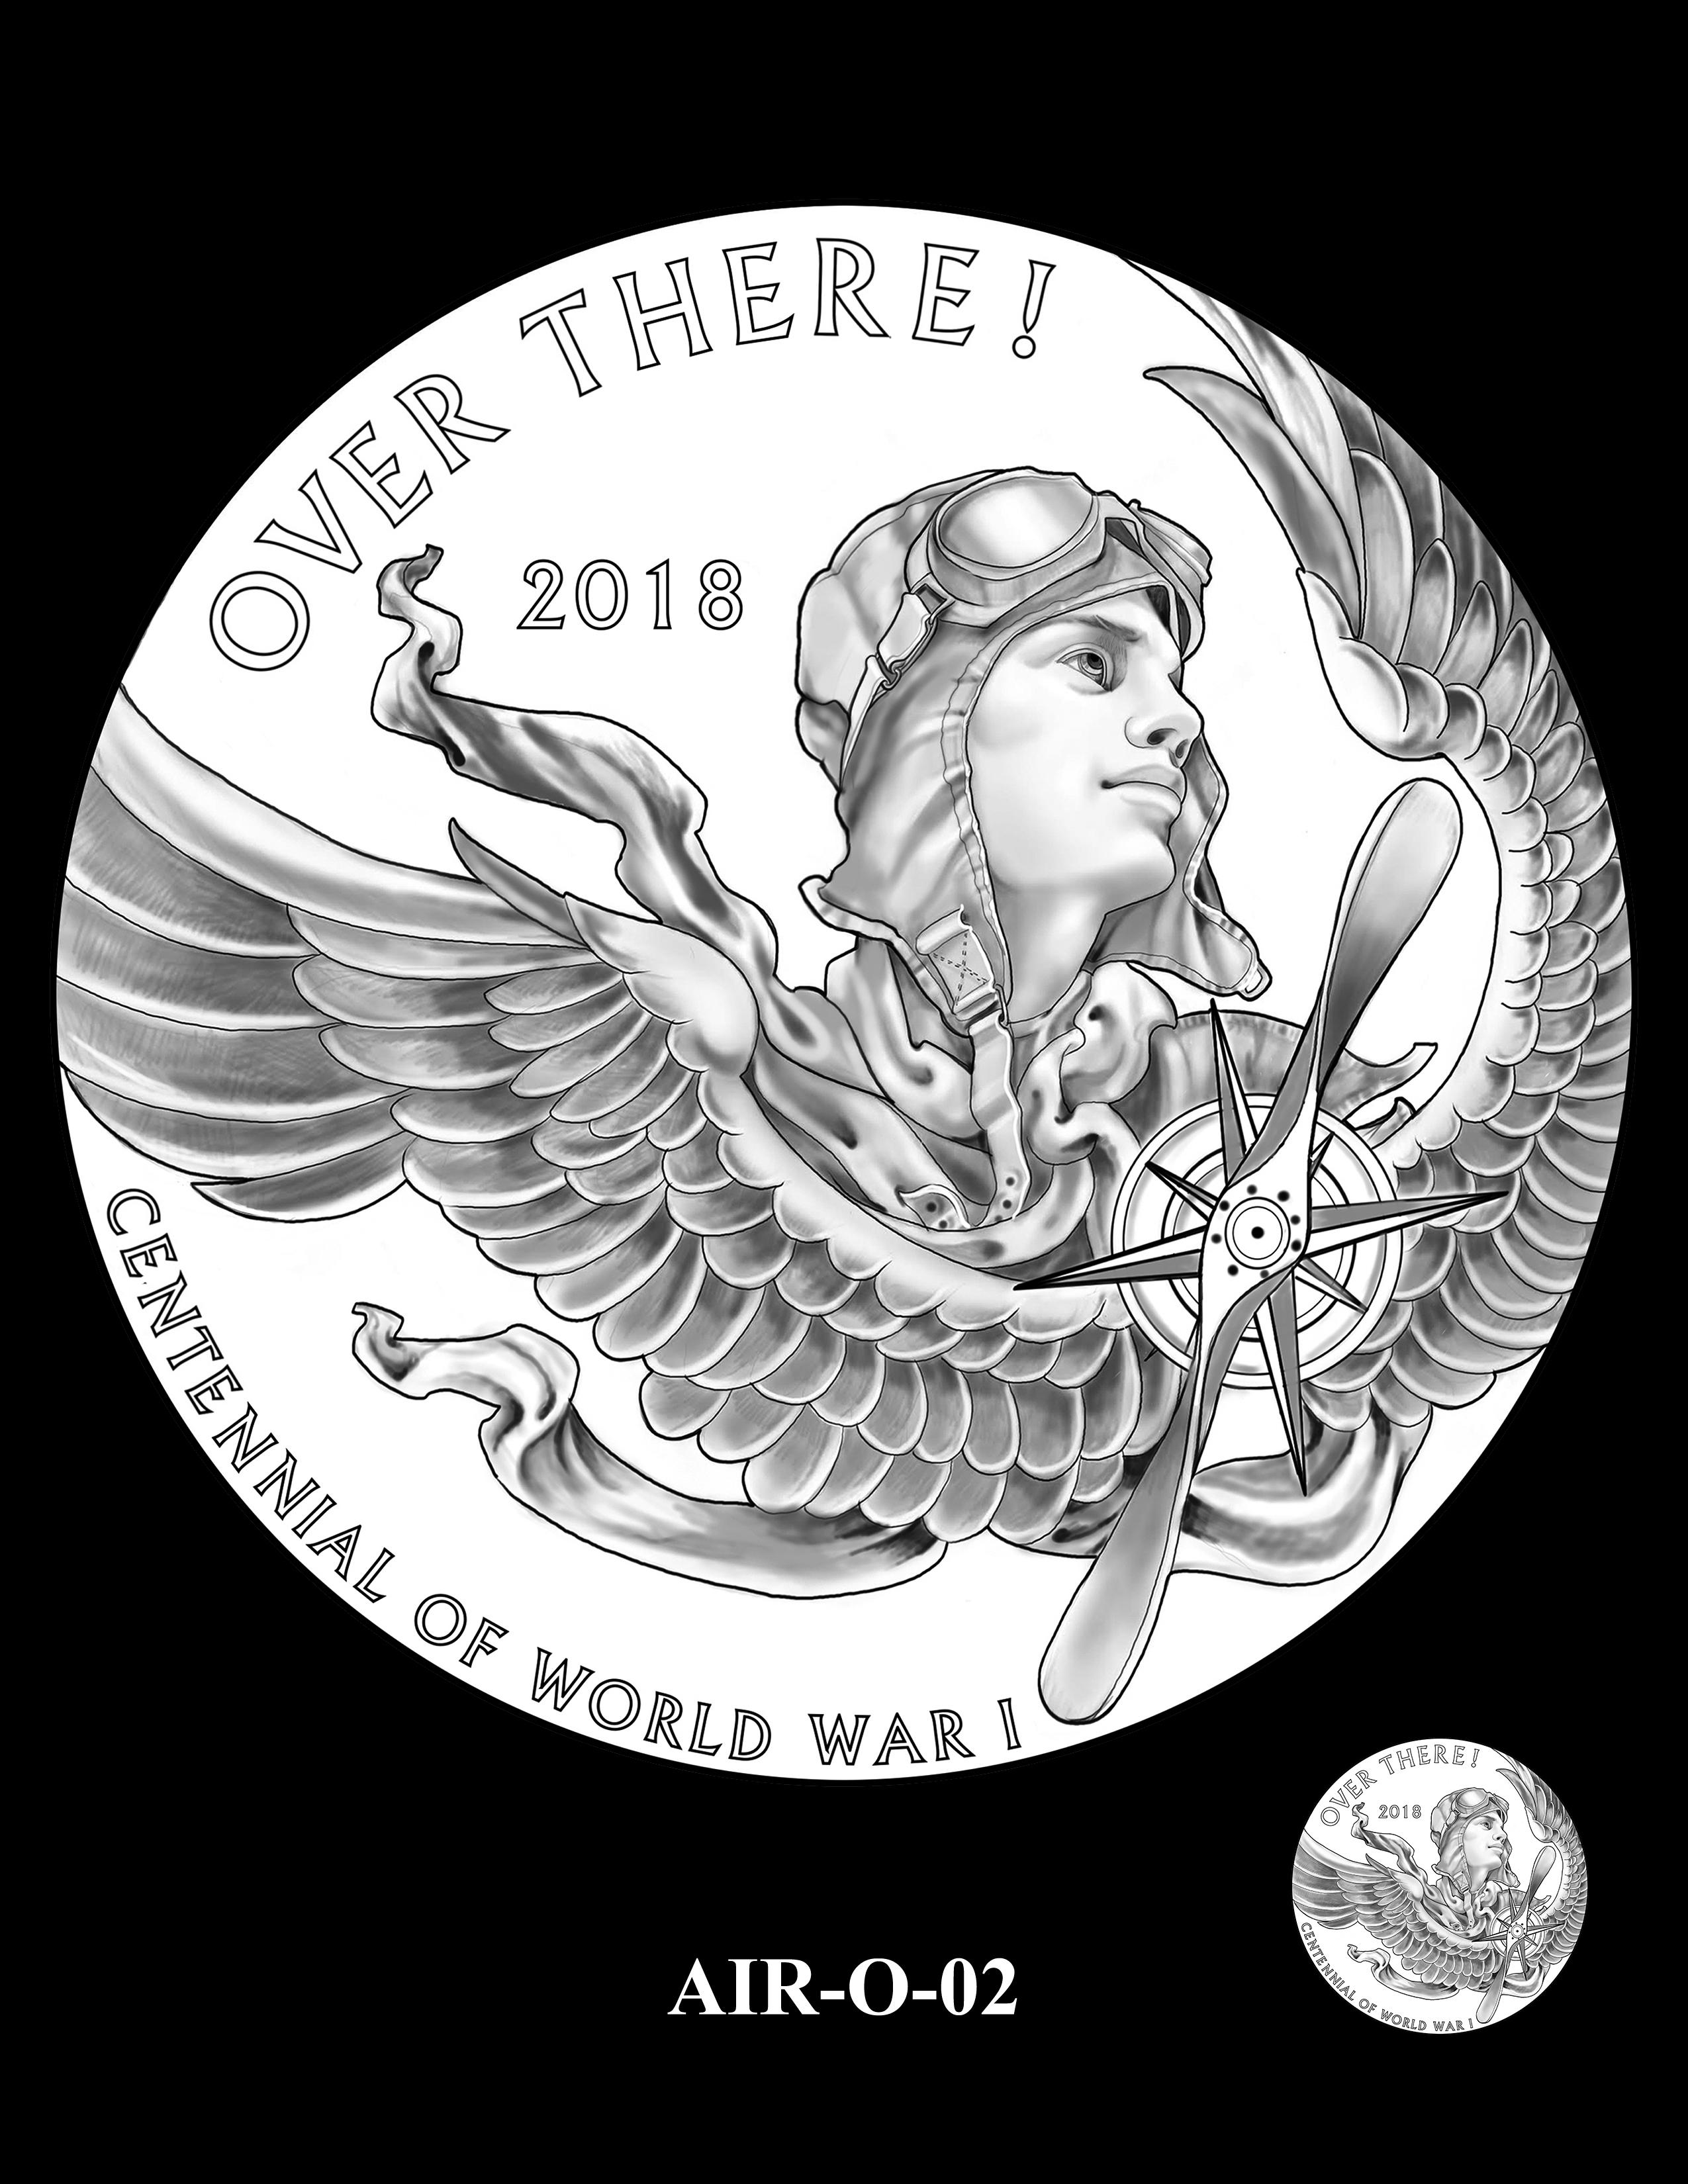 P1-AIR-O-02 -- 2018-World War I Silver Medals - Air Service